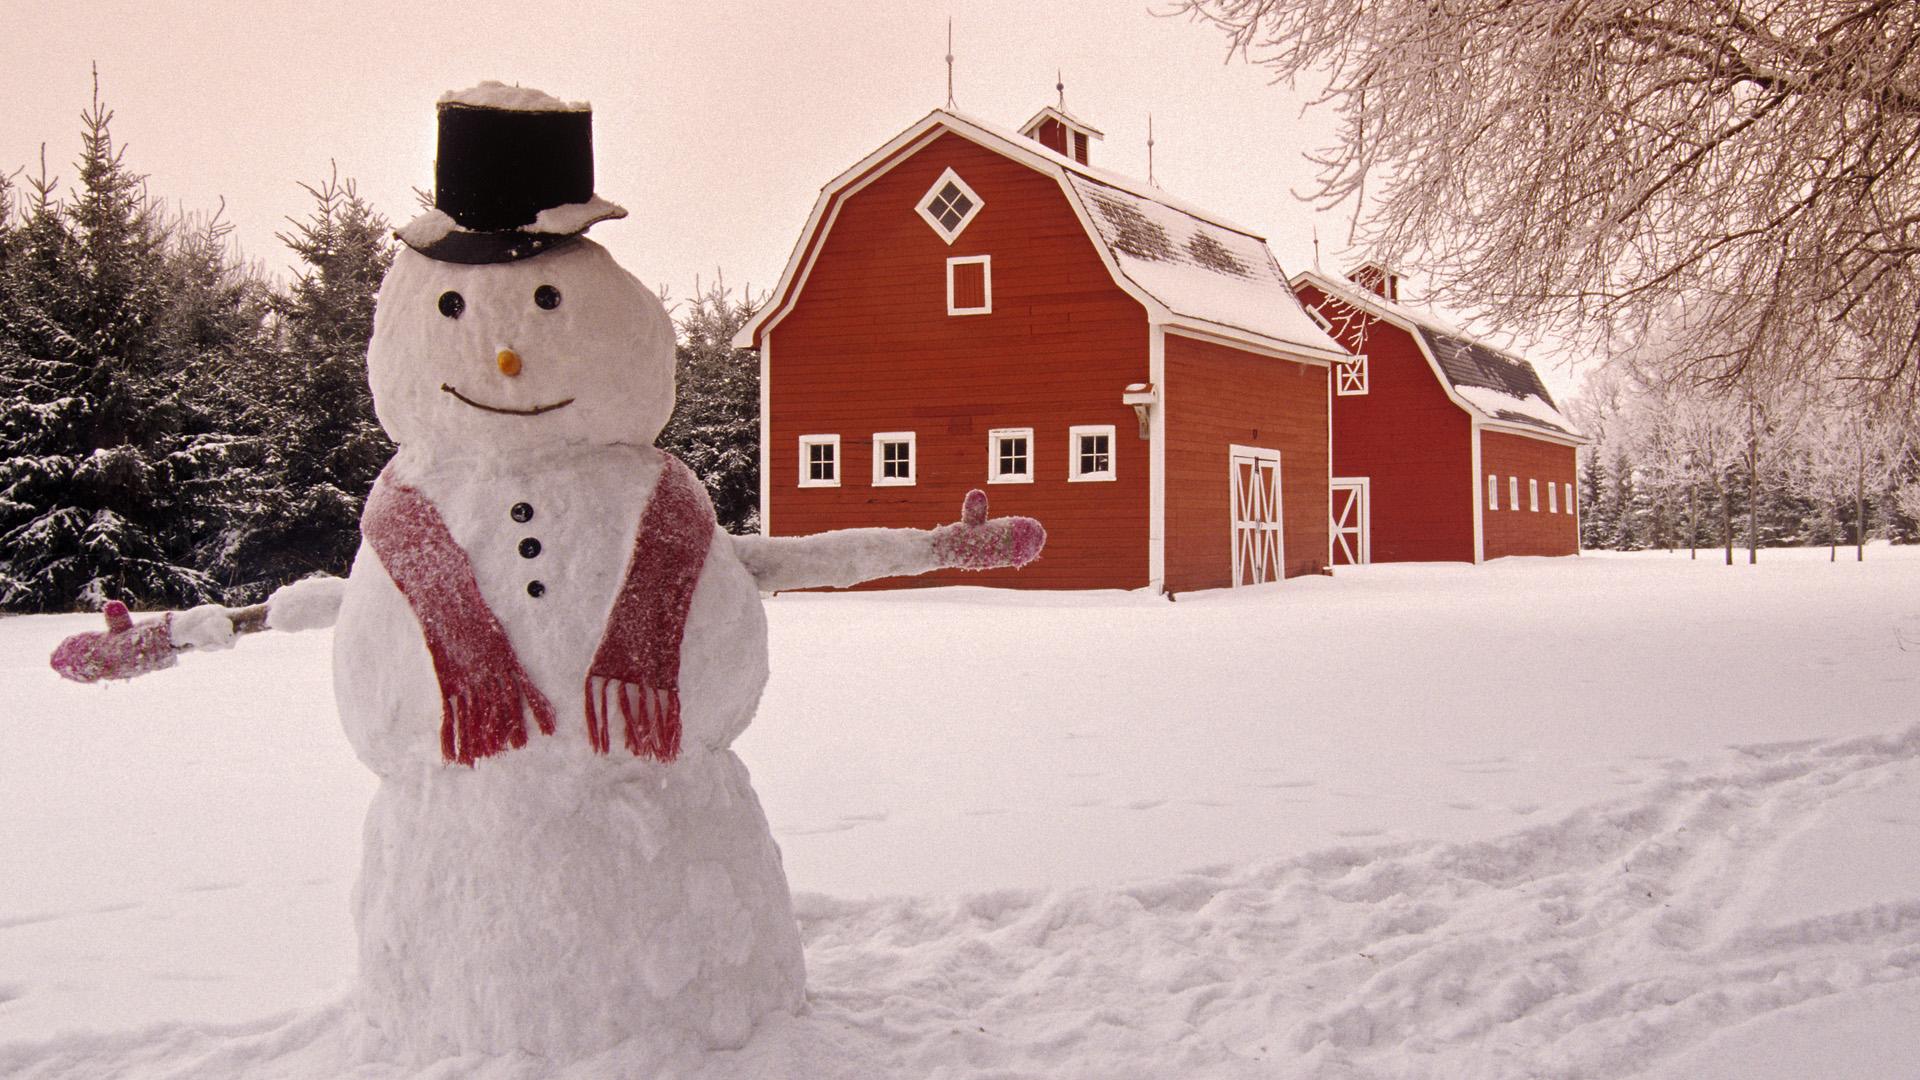 走出校门的冬天,你可知道还需要这款电器来建立温暖